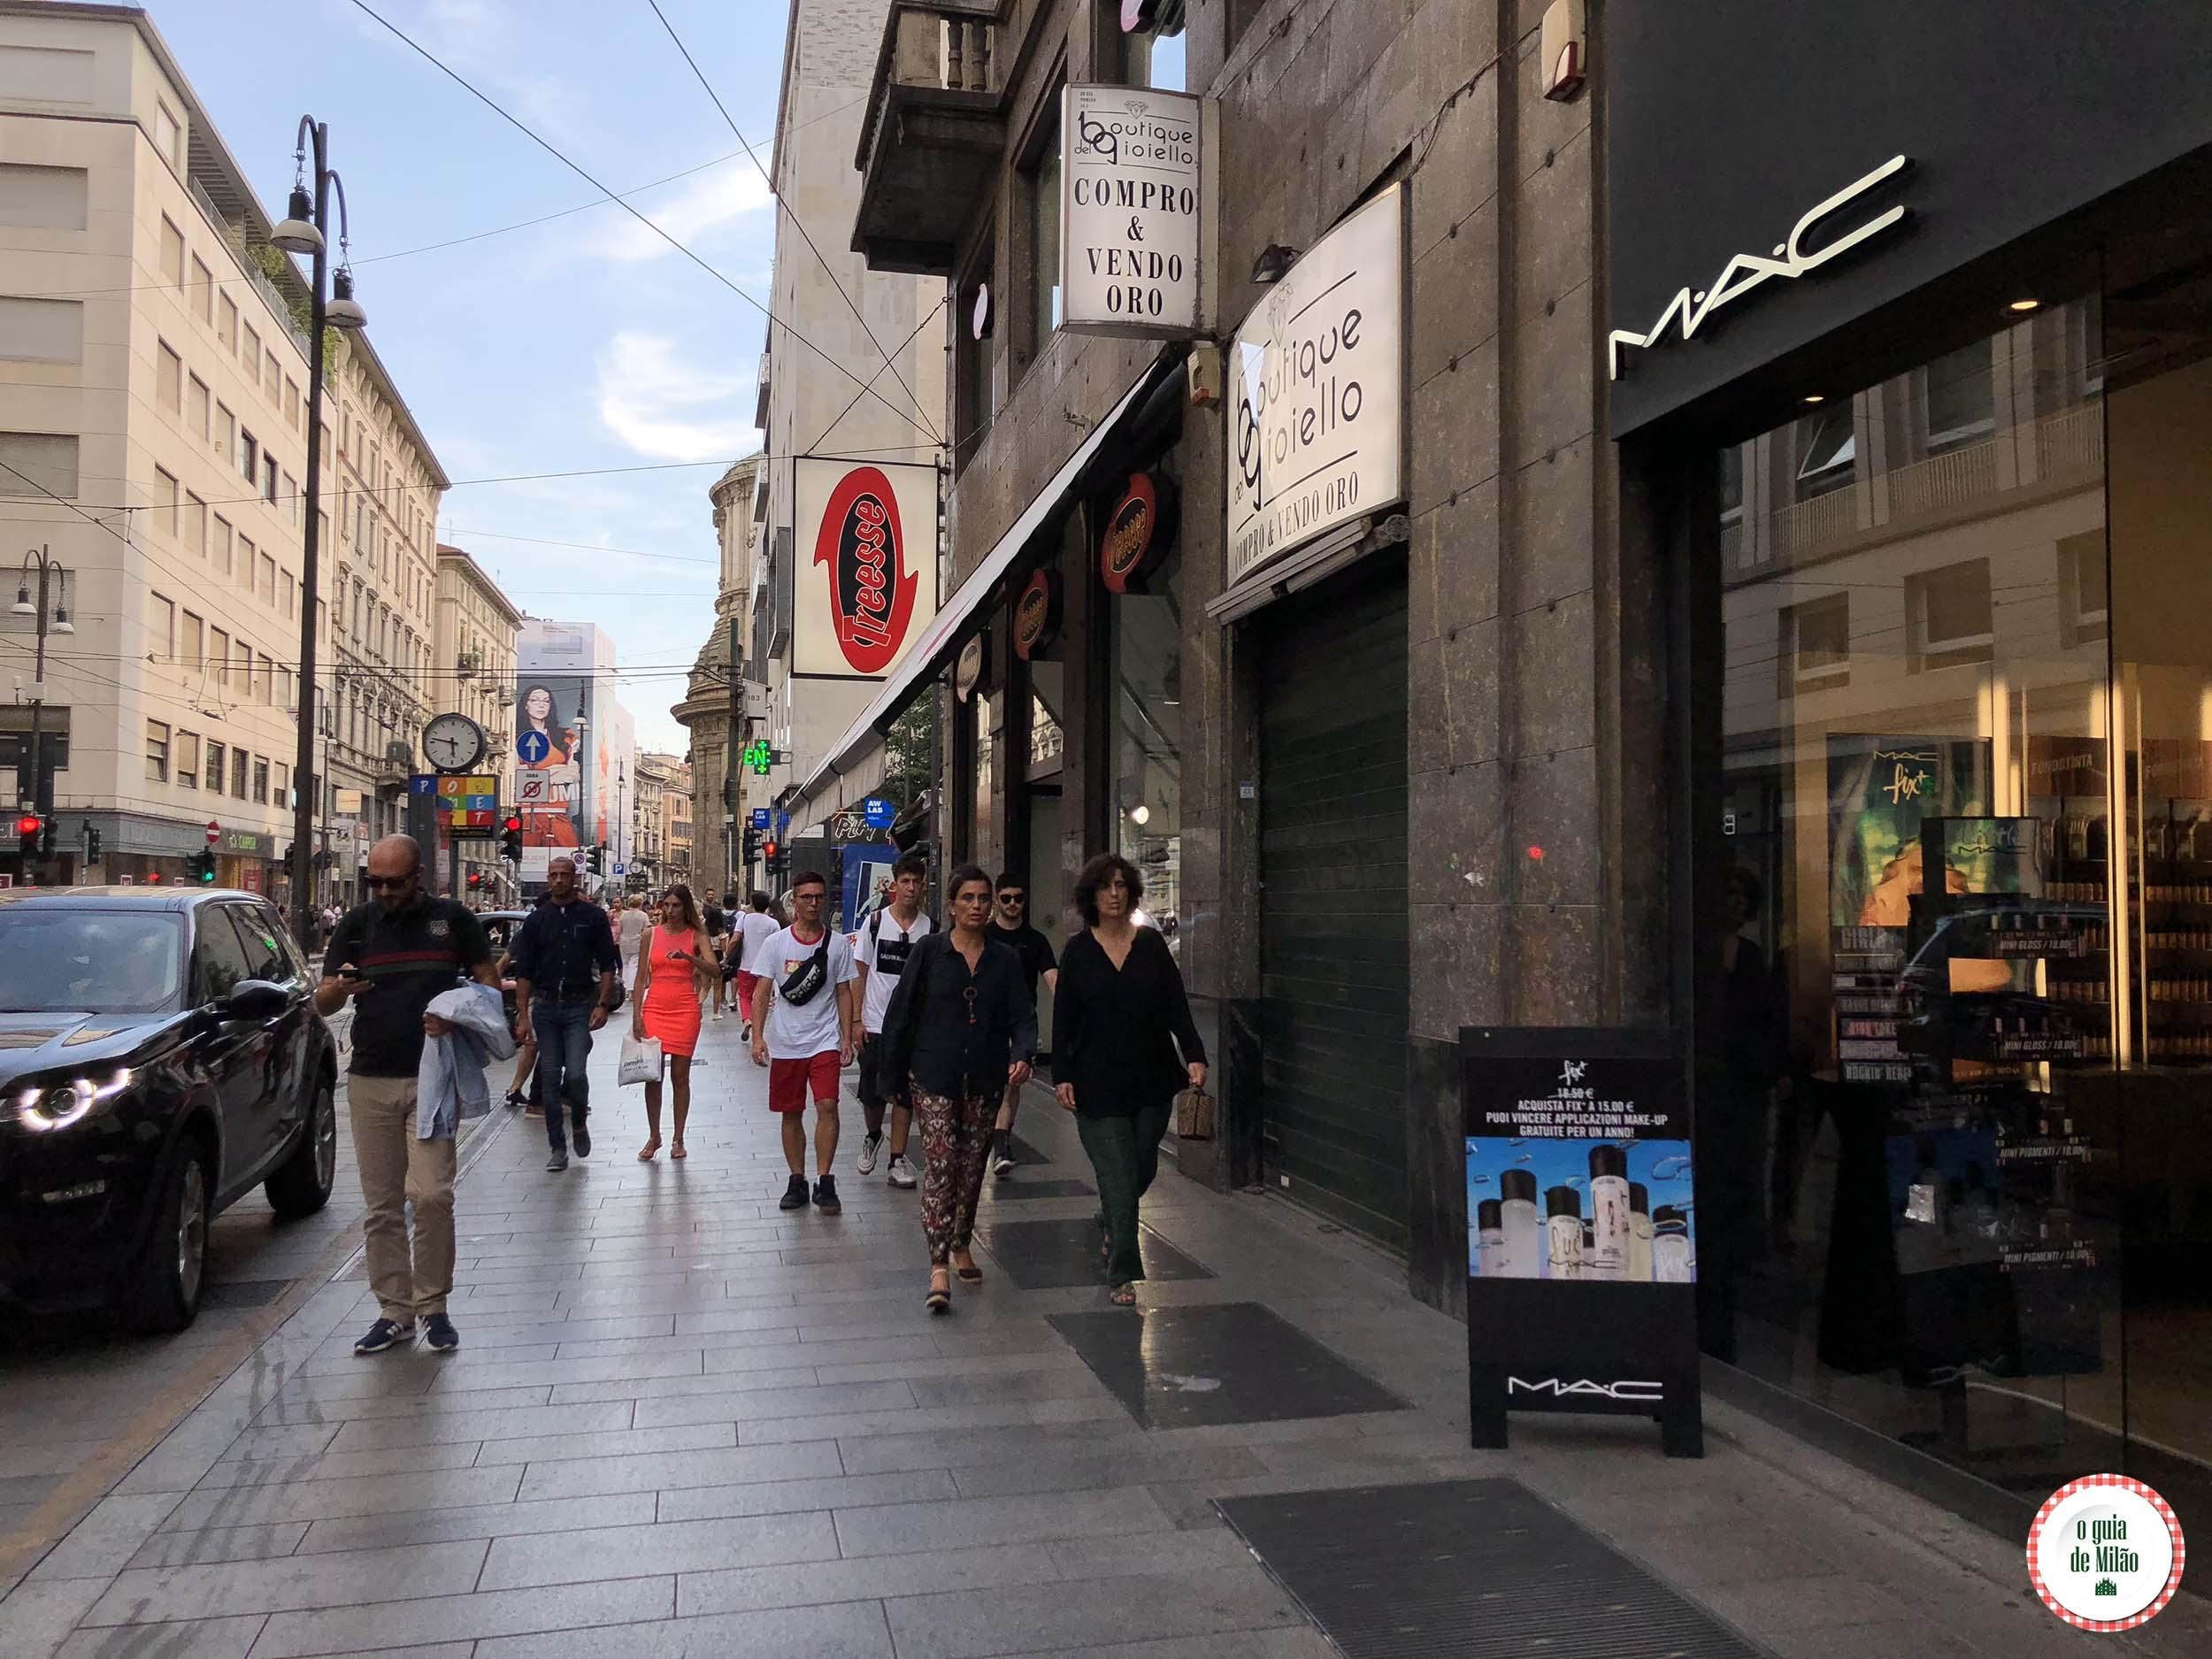 aaf0c2528 Lojas de lingerie: no começo da via Torino estão a famosa Victoria's  Secret, a espanhola Oysho e as italianas Intimissimi, Calzedonia e Yamamay.